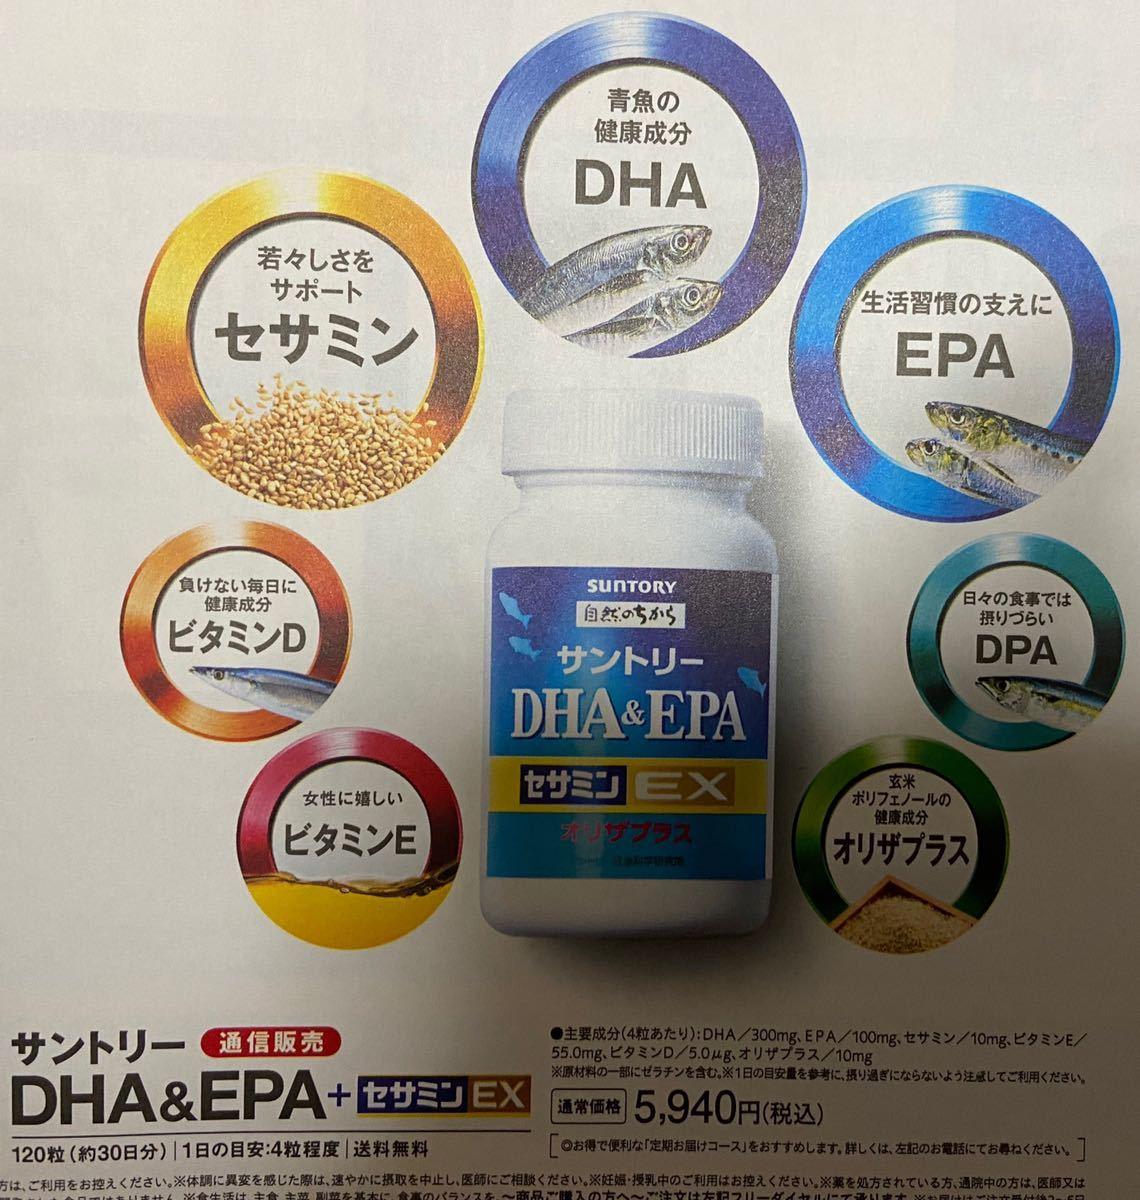 サントリーサプリメント DHA&EPA +セサミンEX 定価5940円→無料→申込用紙20枚 健康食品 無料応募用紙20枚_画像5